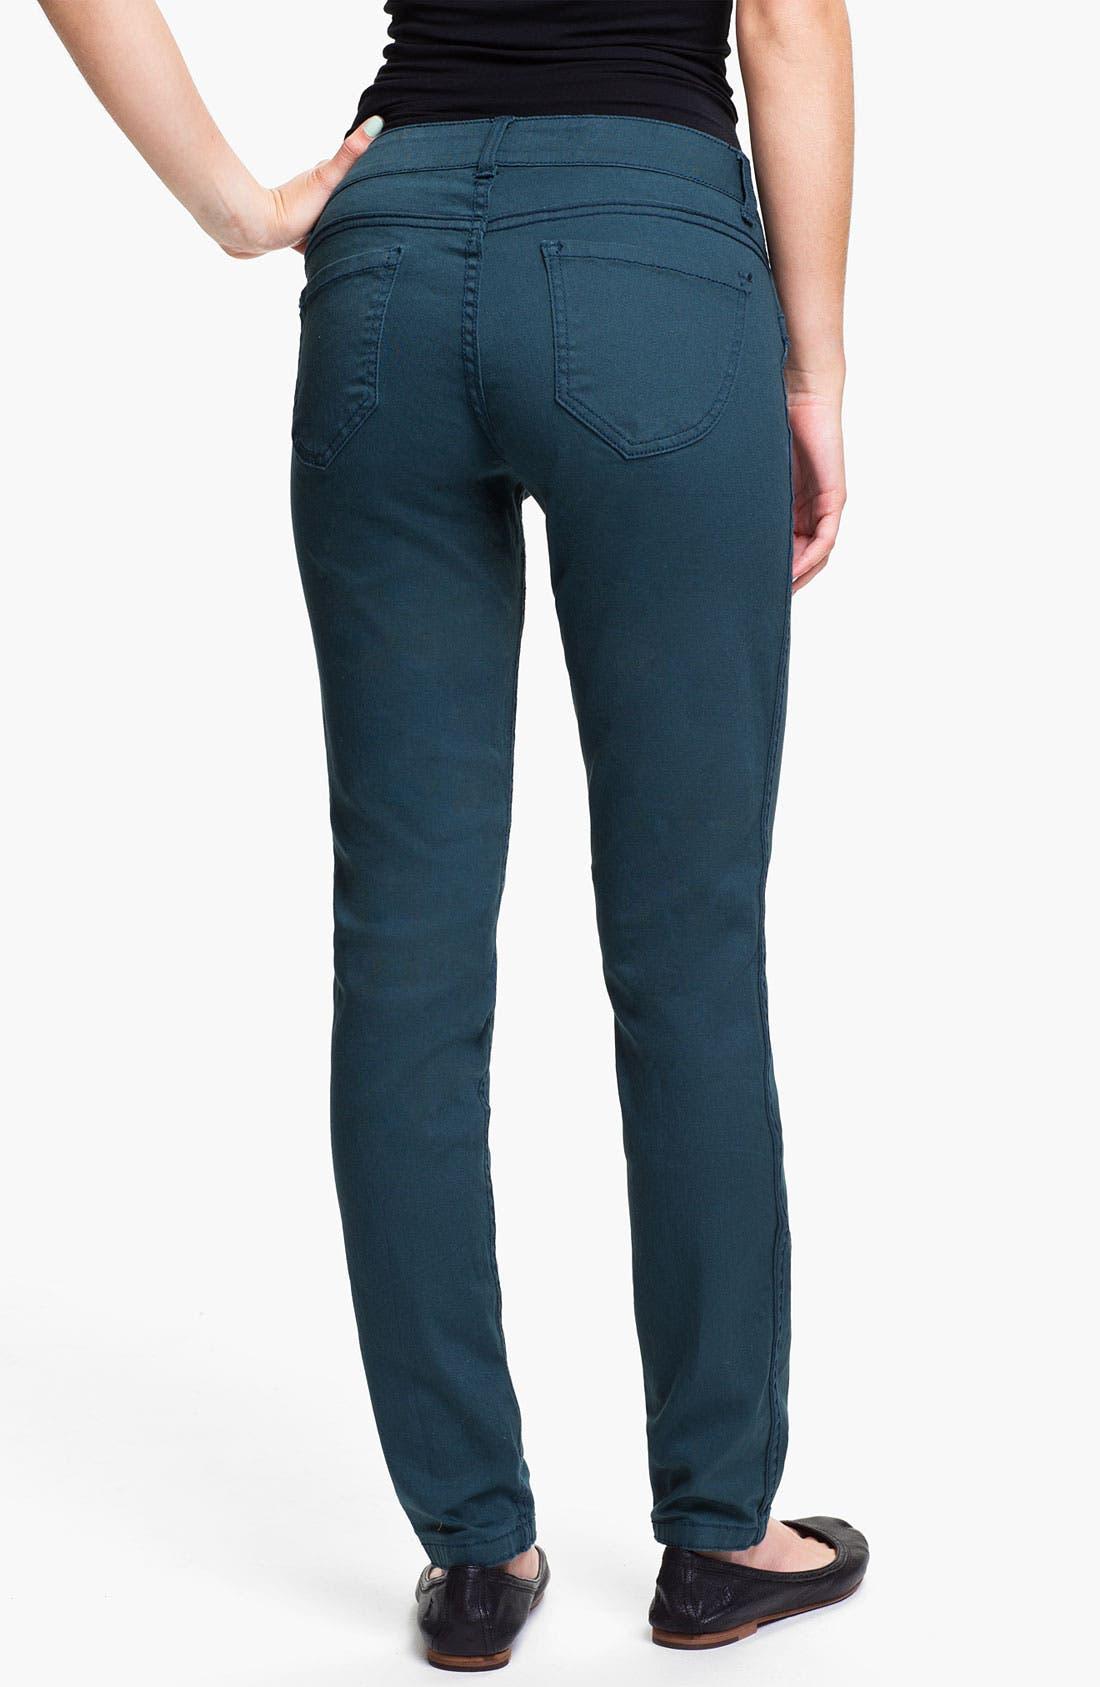 Main Image - Jolt Reversible Skinny Jeans (Juniors)